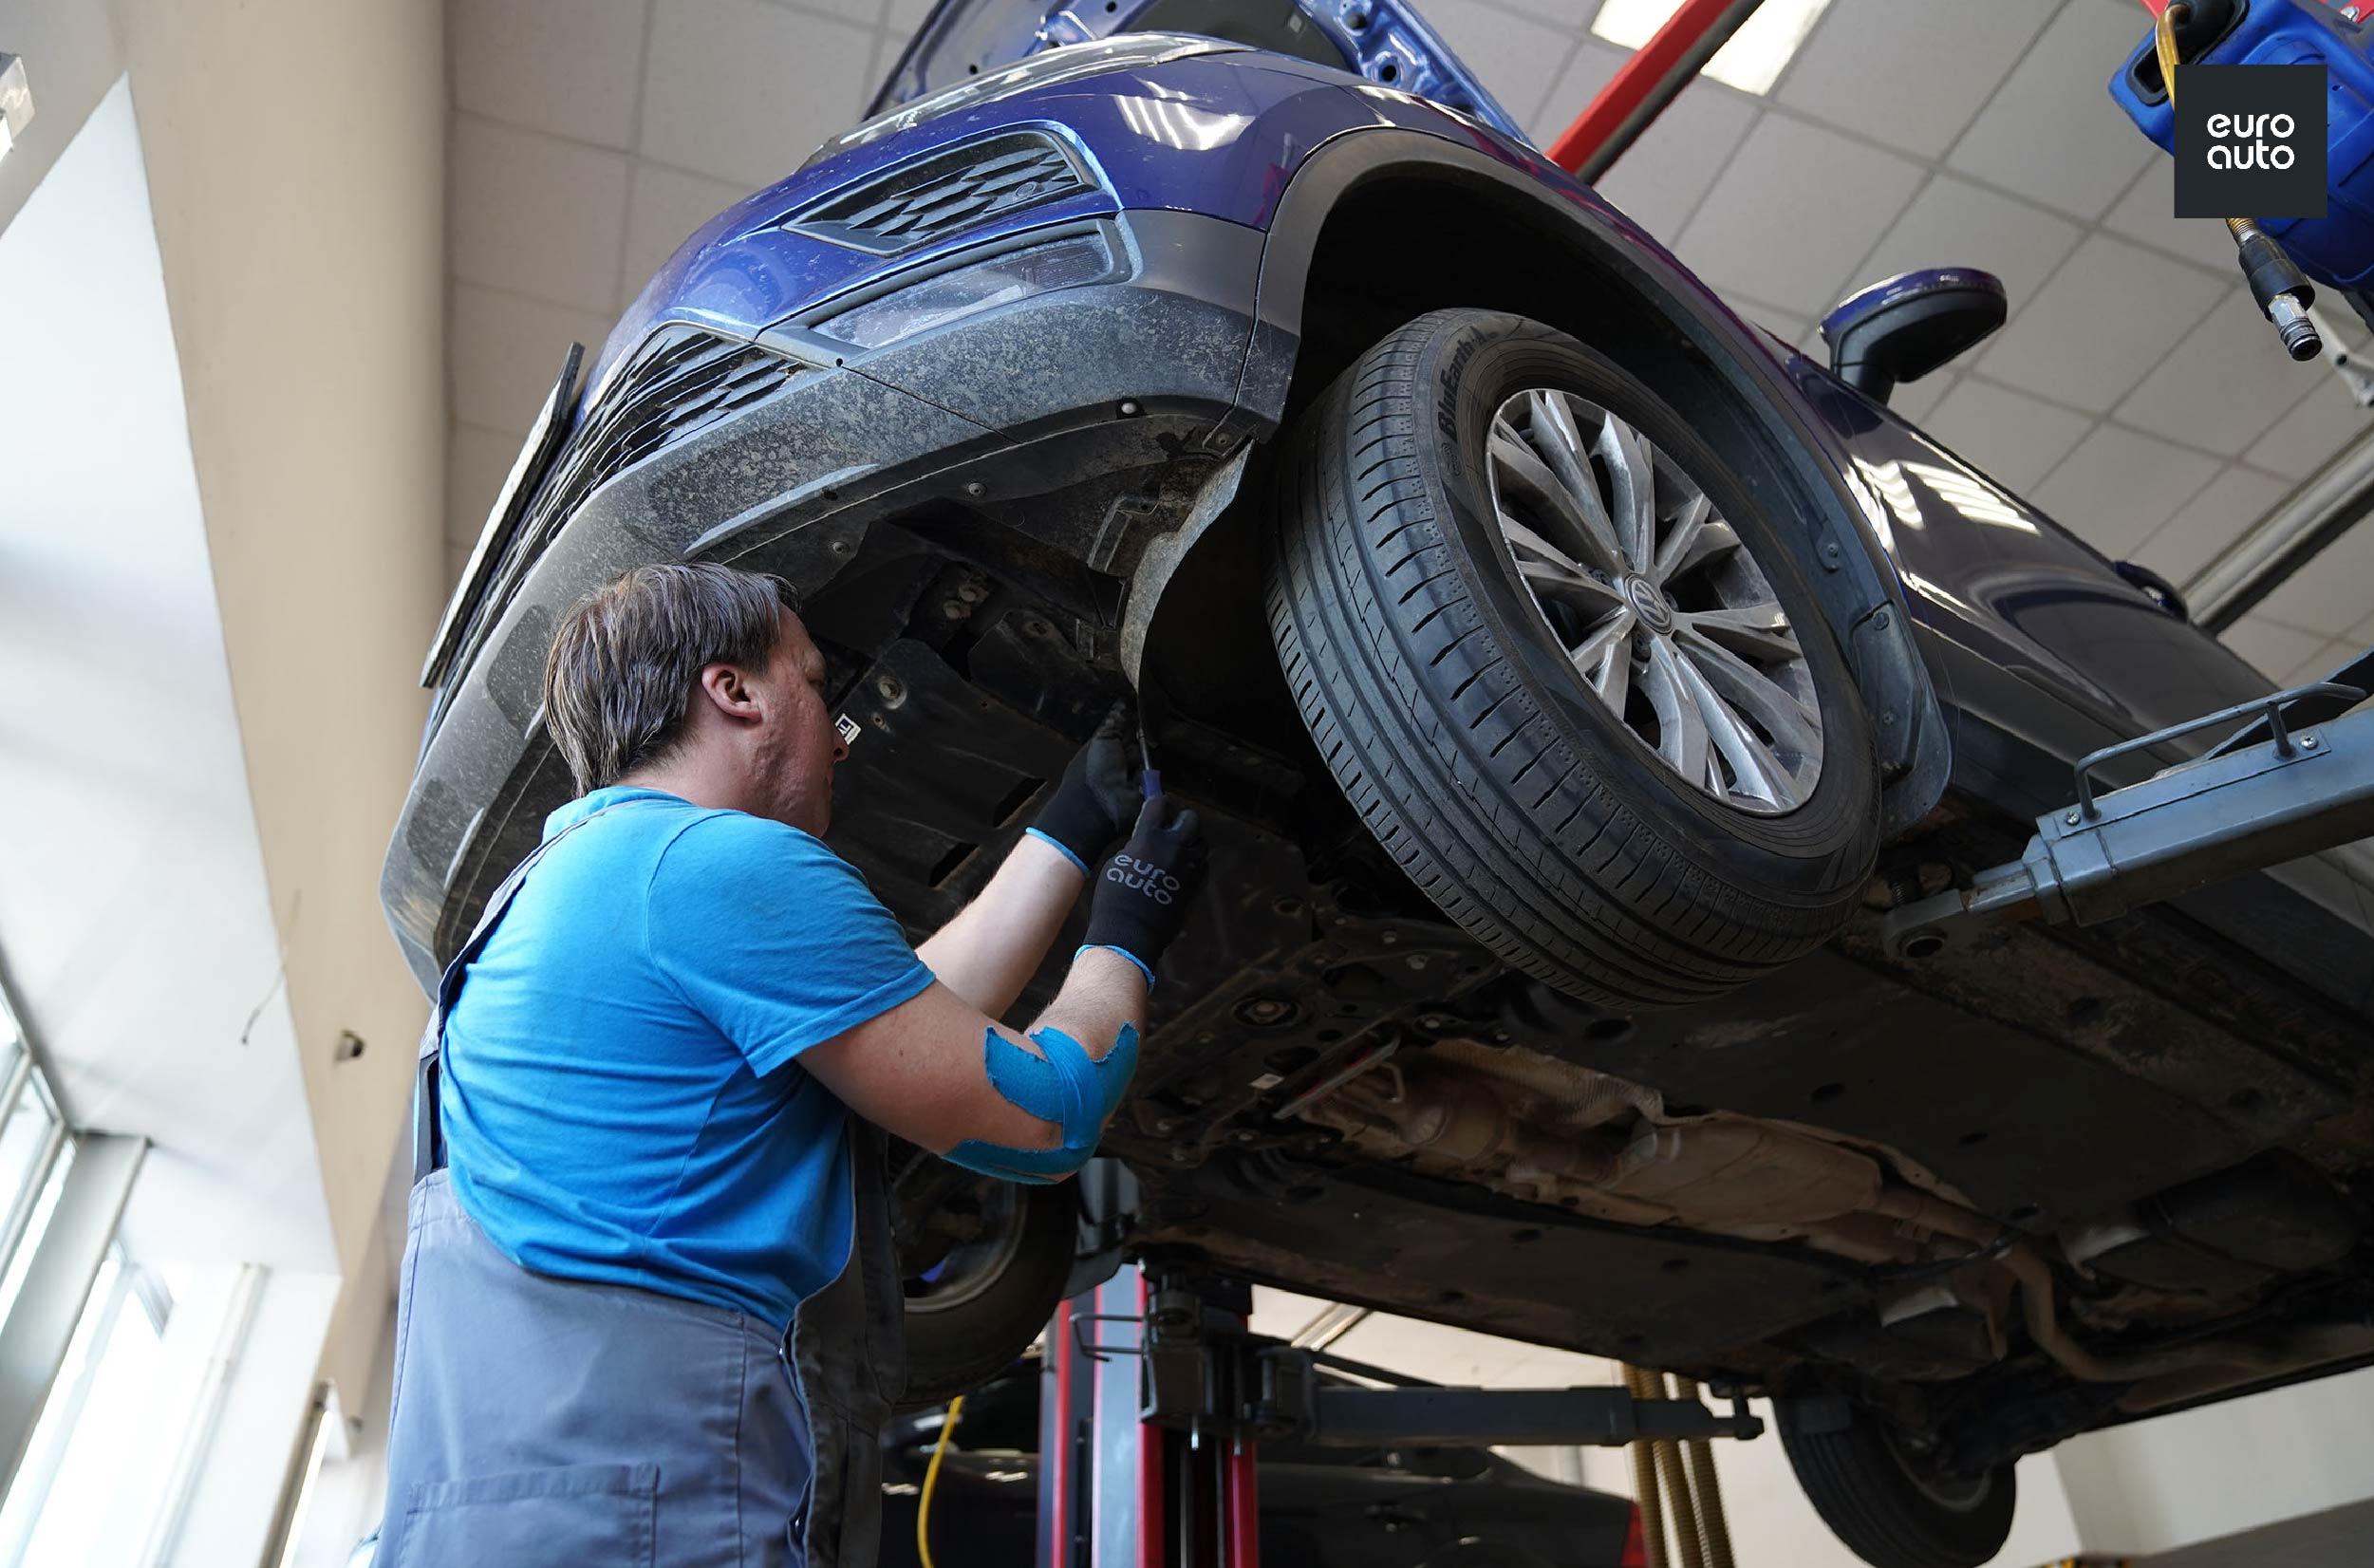 Гарантийный ремонт автомобиля требования гк рф